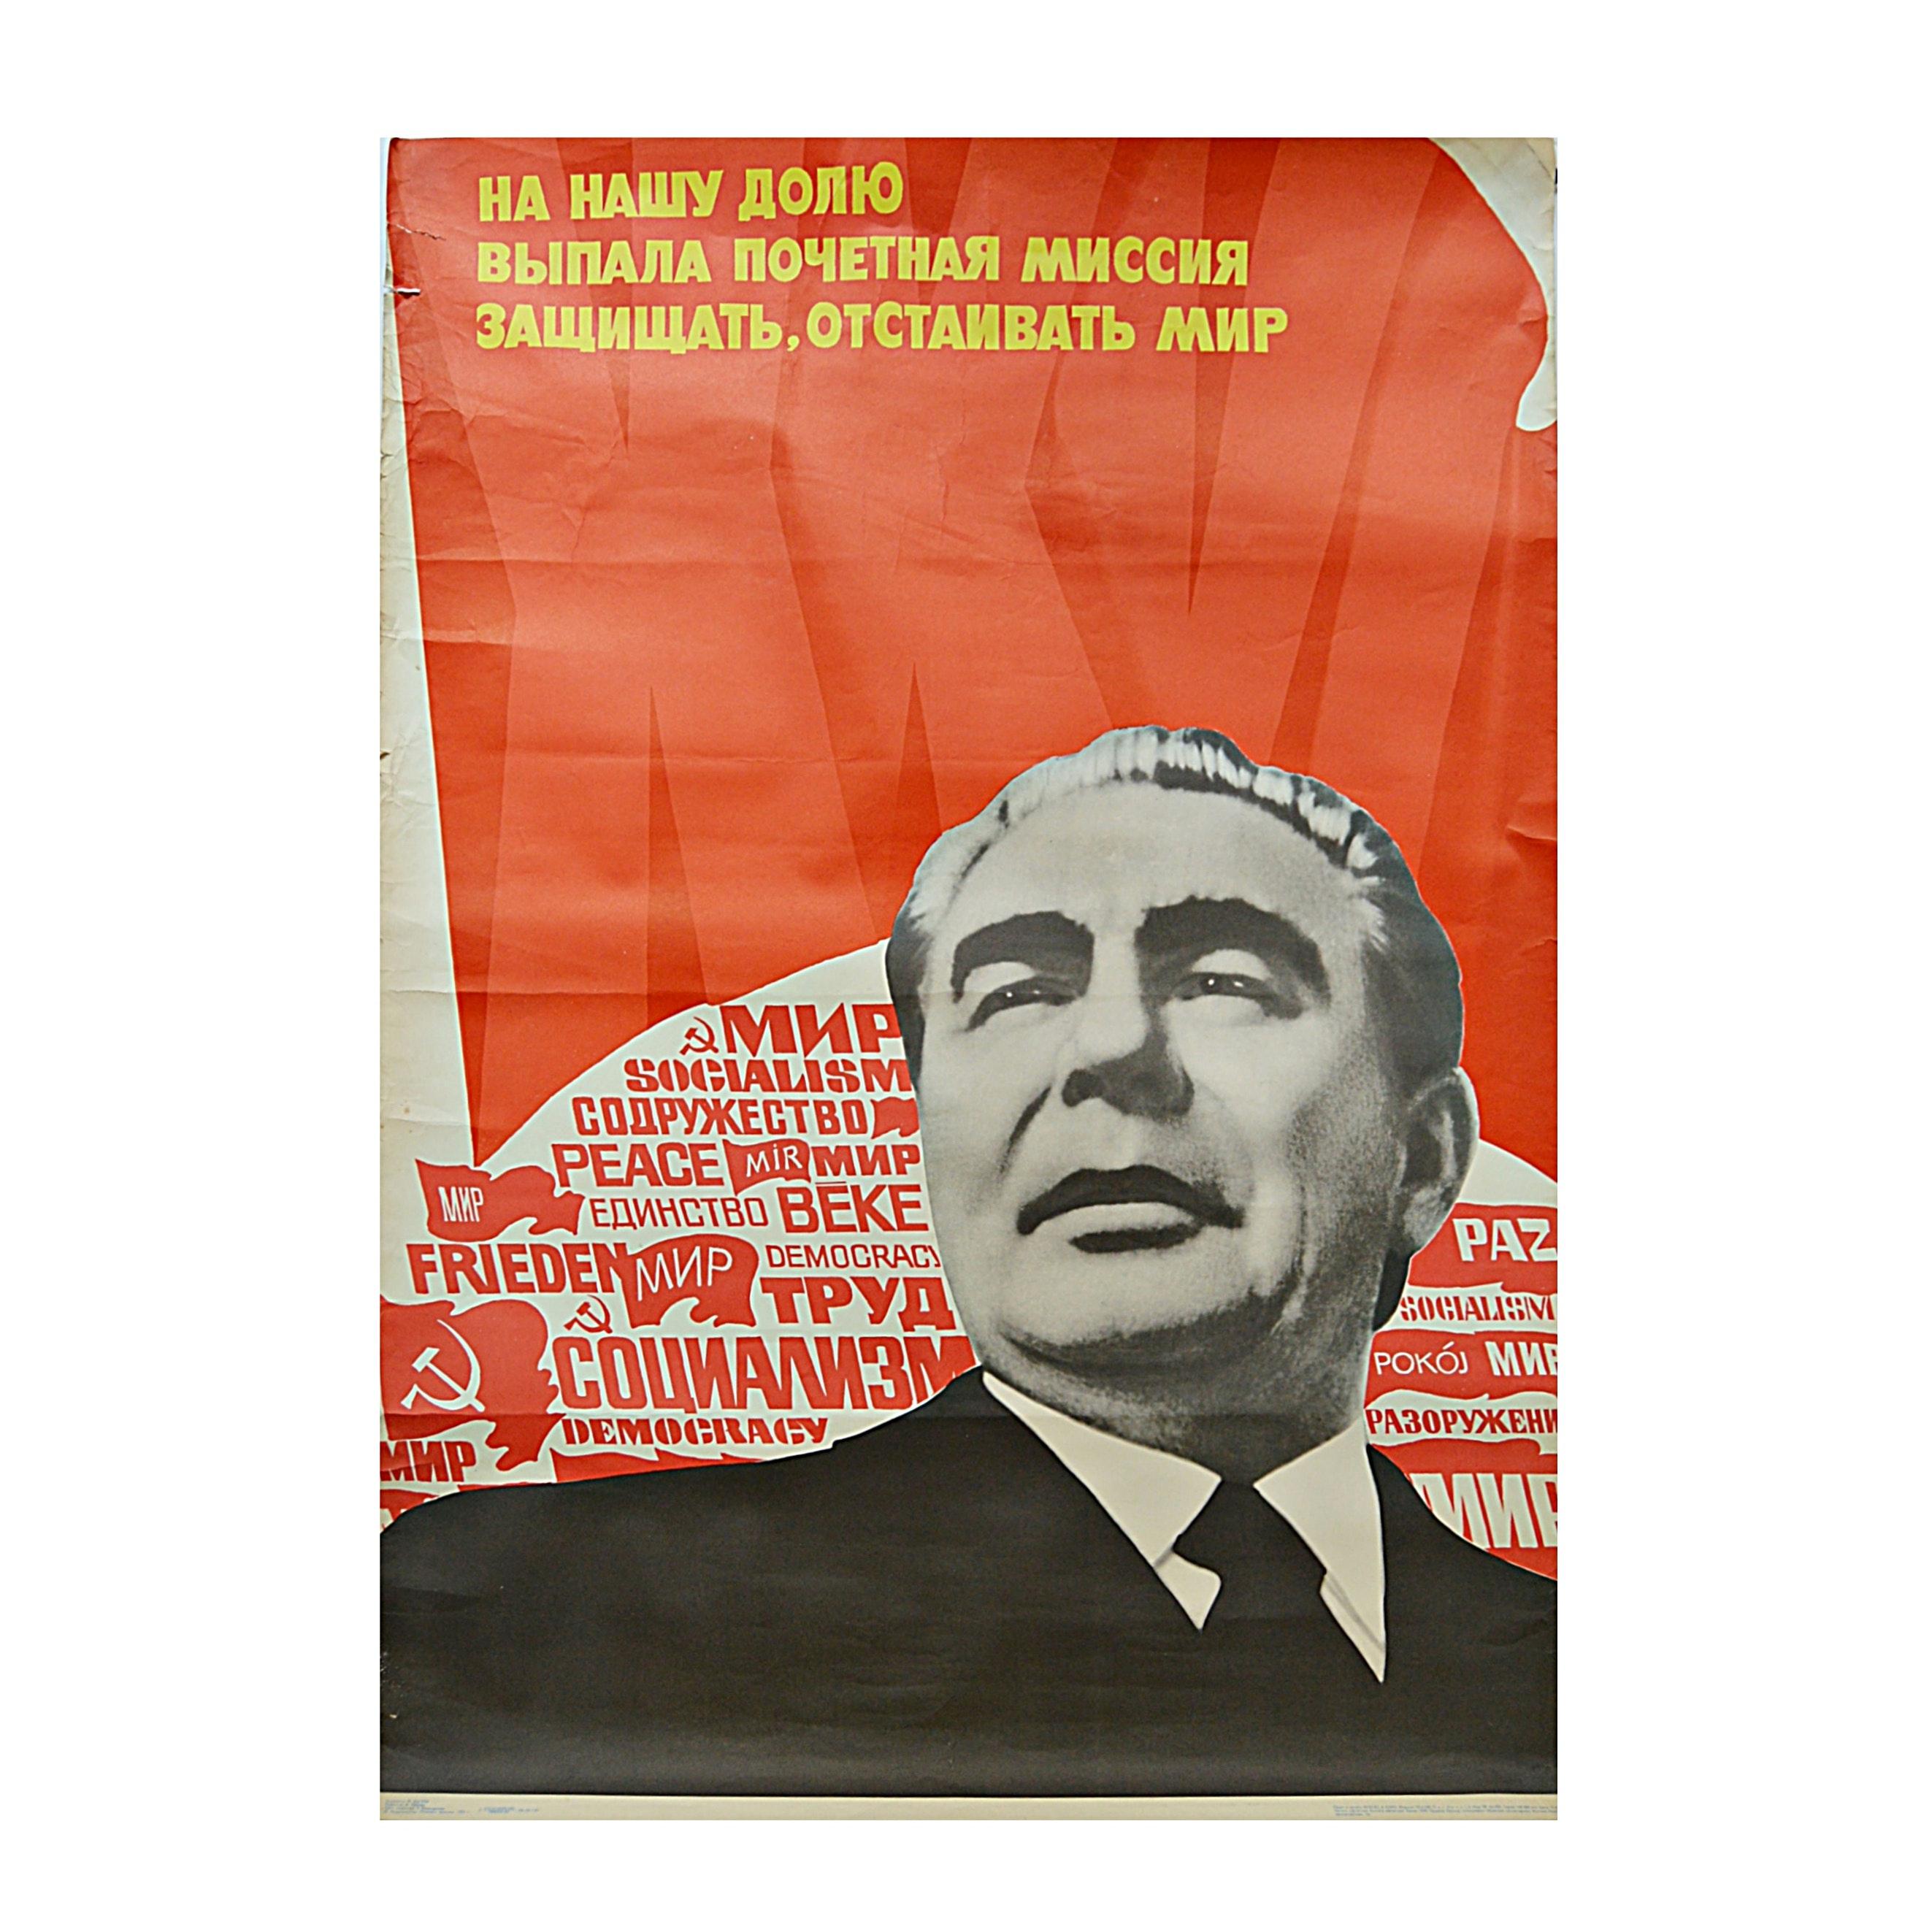 1982 Soviet Cold War Propaganda Poster